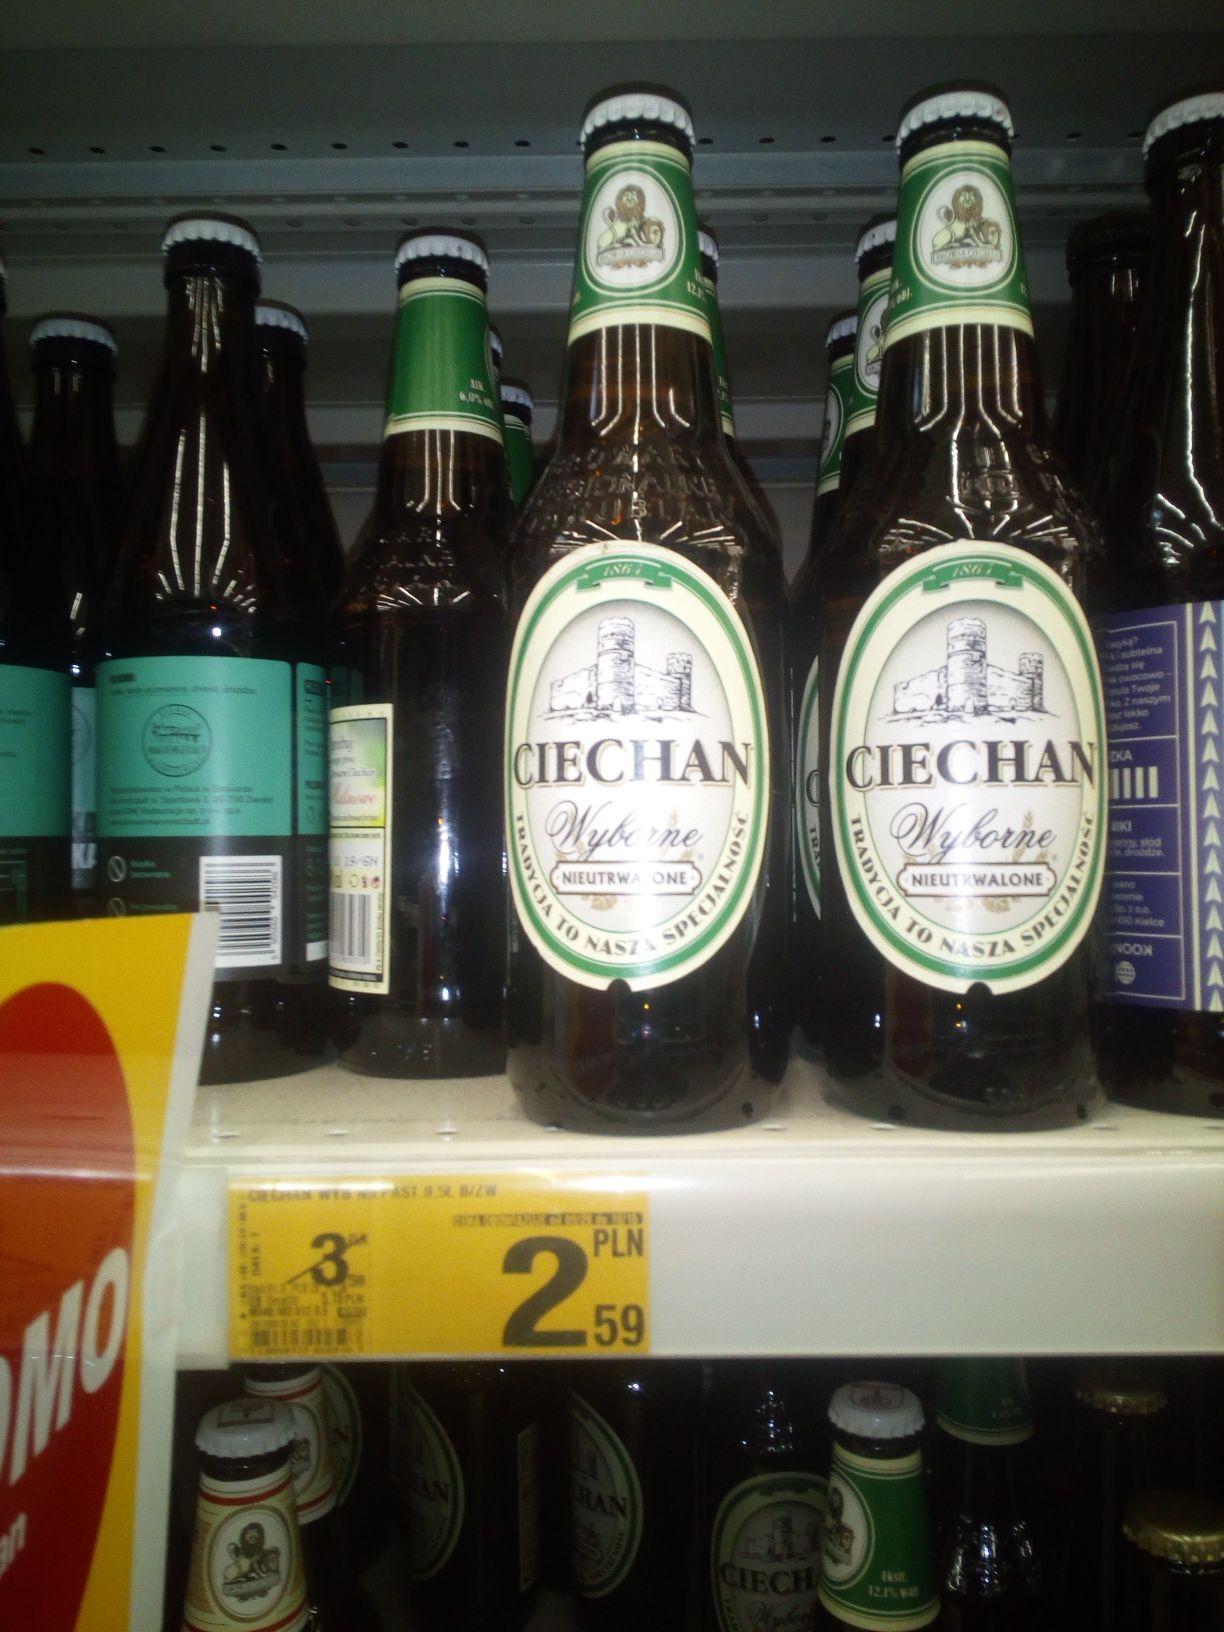 Piwo Ciechan Wyborne (Zielone ) Auchan Gdańsk Przymorze